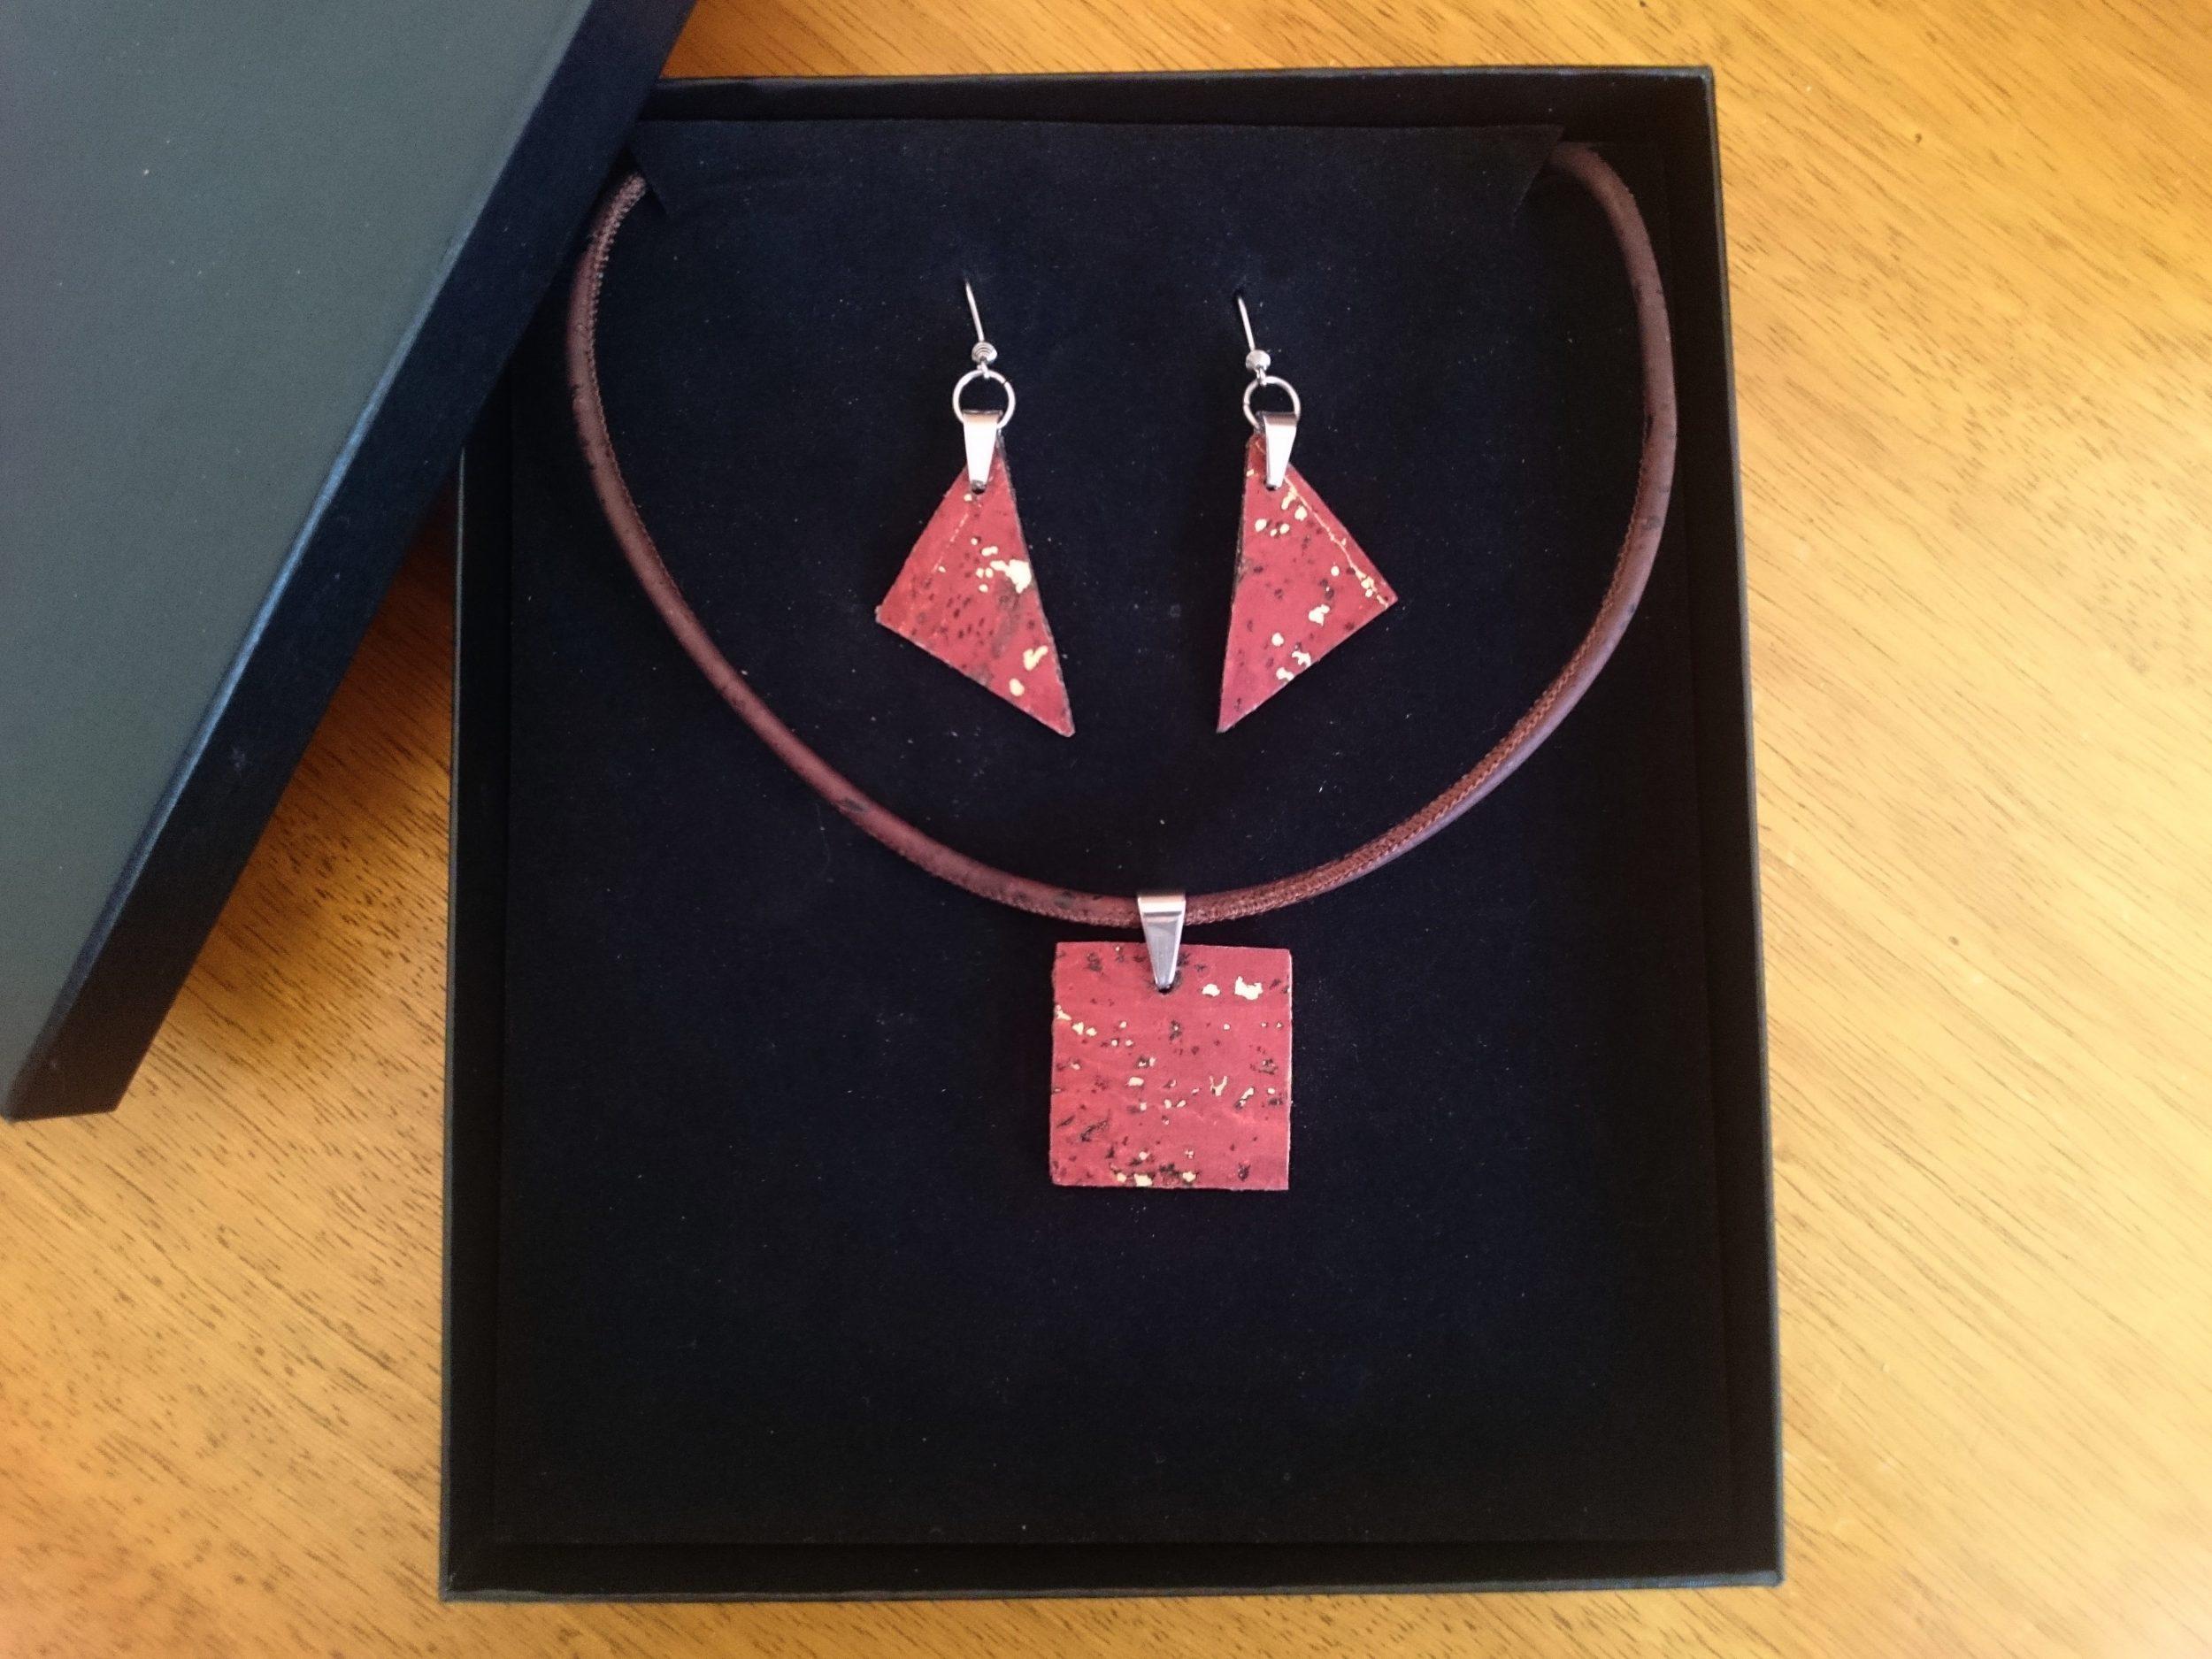 parure en liège aux pendentifs géométriques carrés et triangulaires: collier et boucles d'oreille, présentée dans un écrin